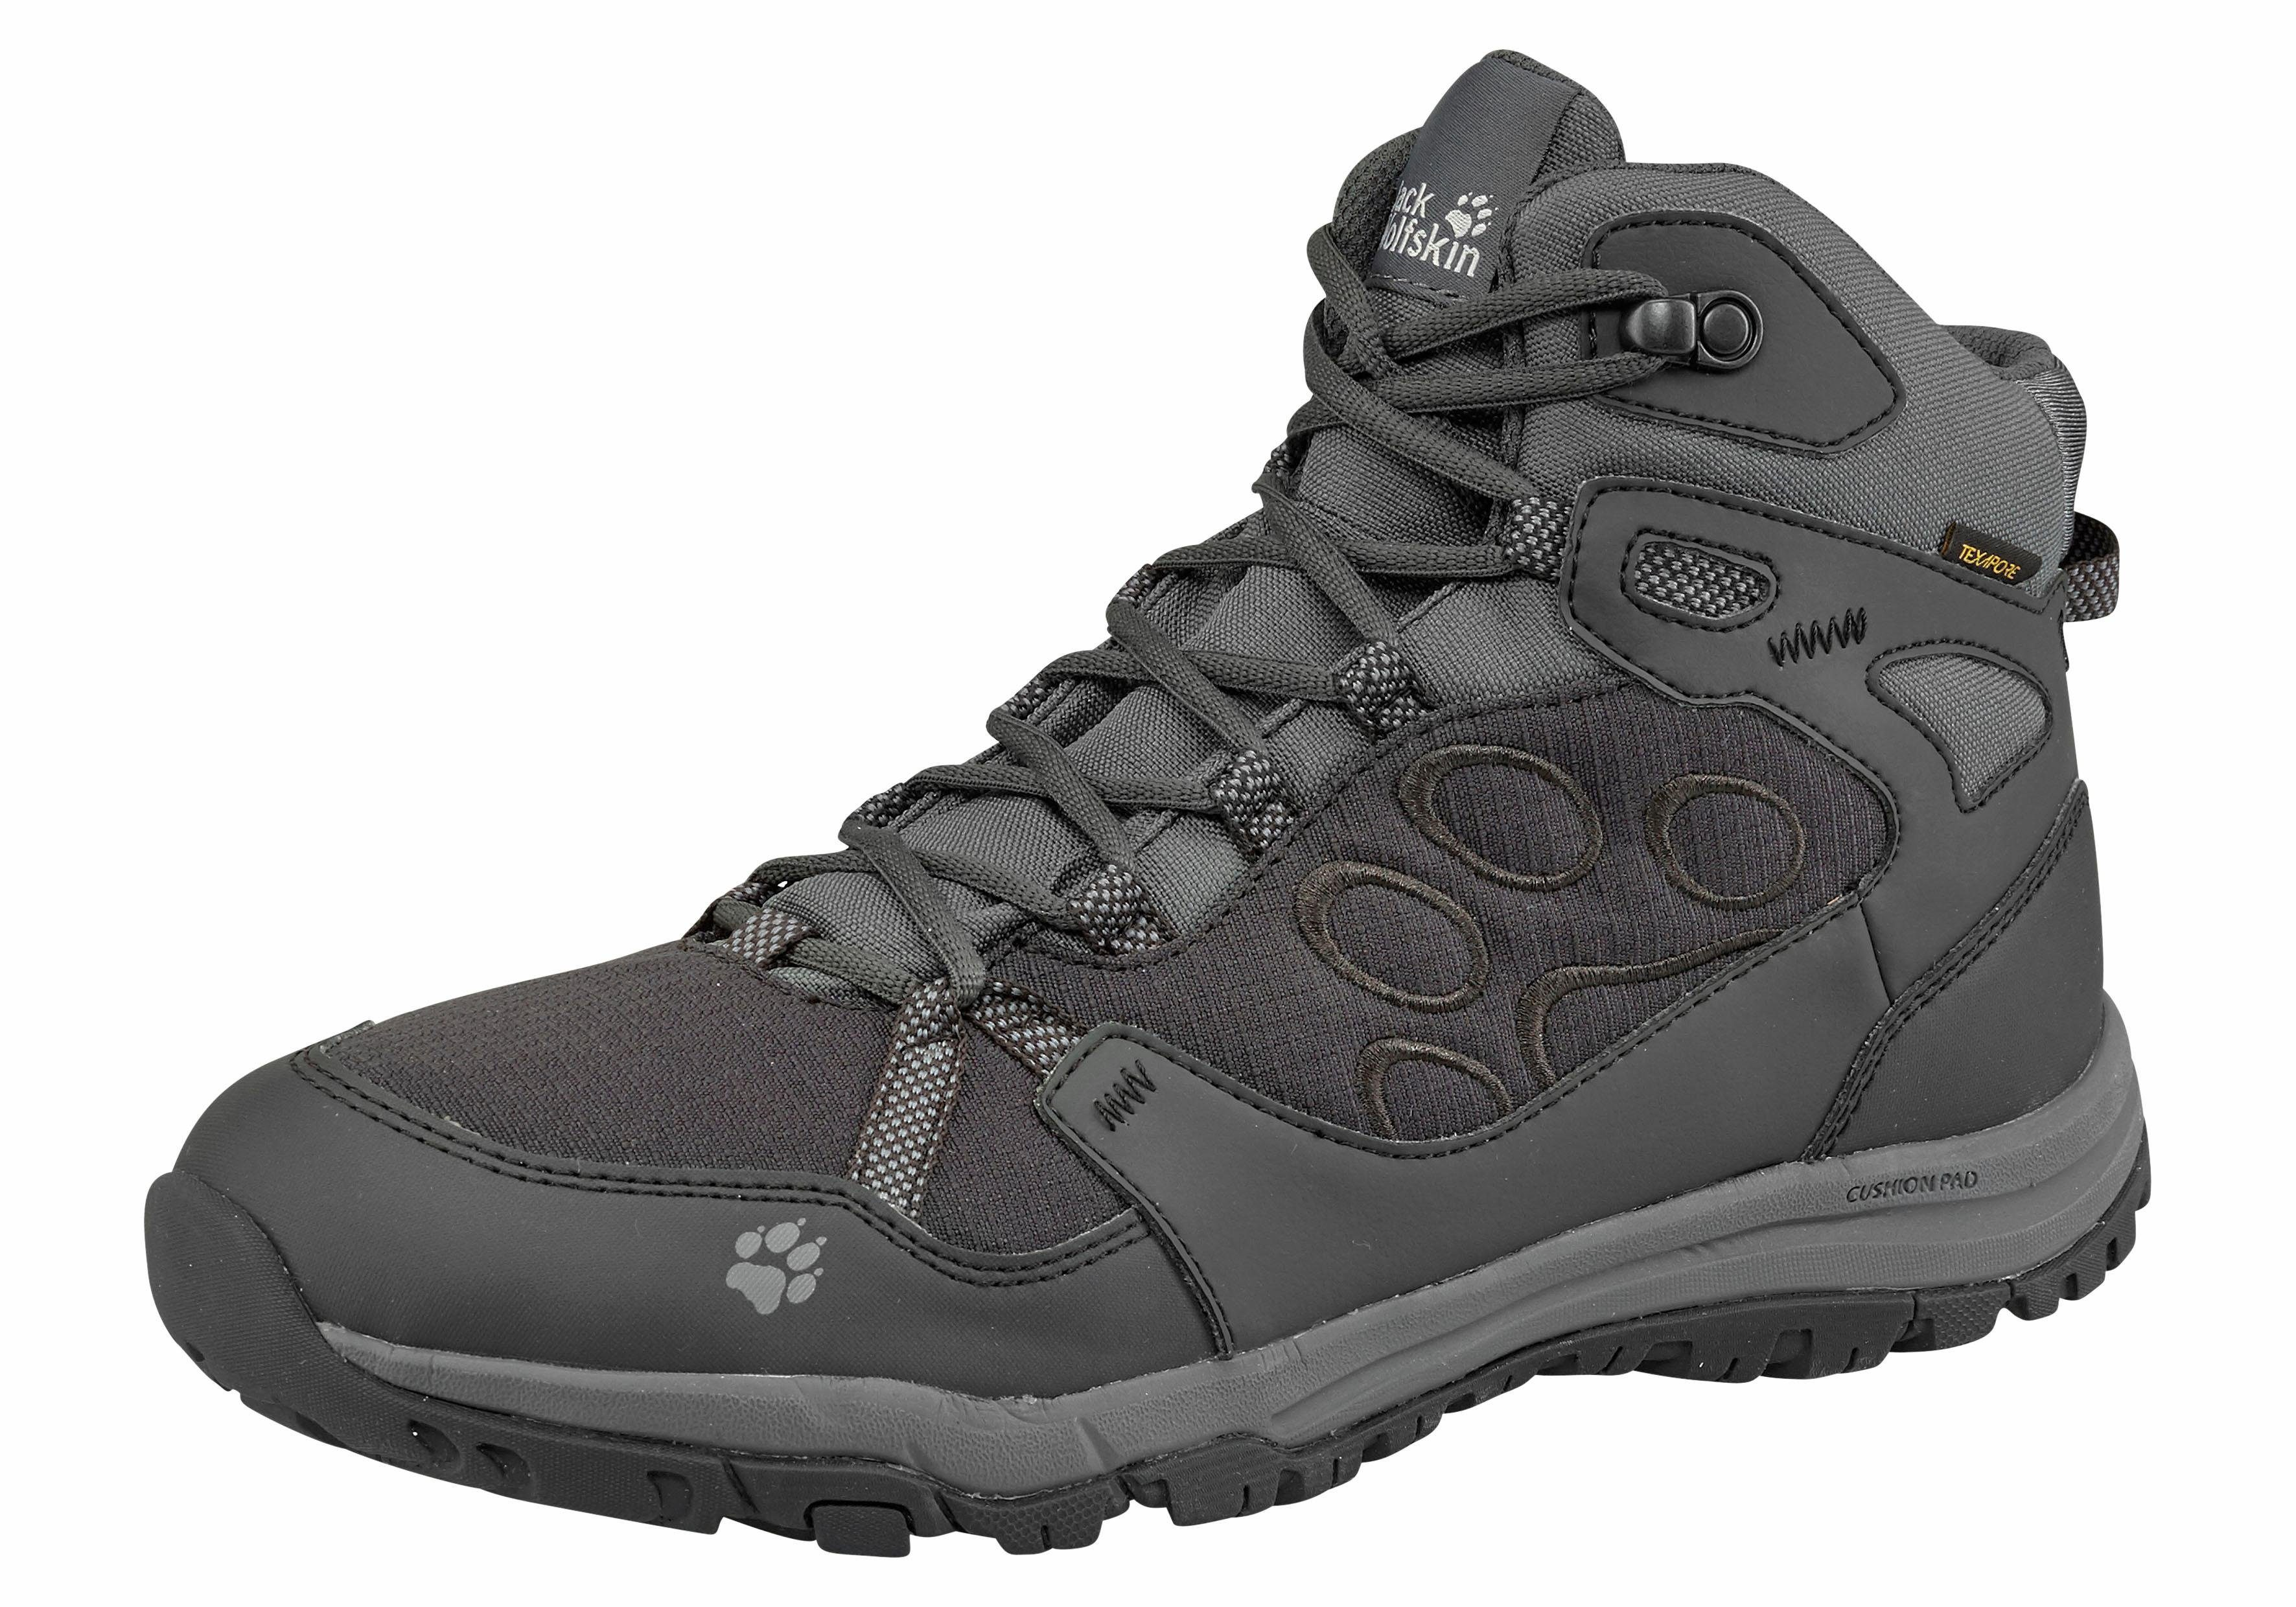 Jack Wolfskin Activer Chaussures Pour Les Hommes - Gris Foncé W4Ebgksc7g